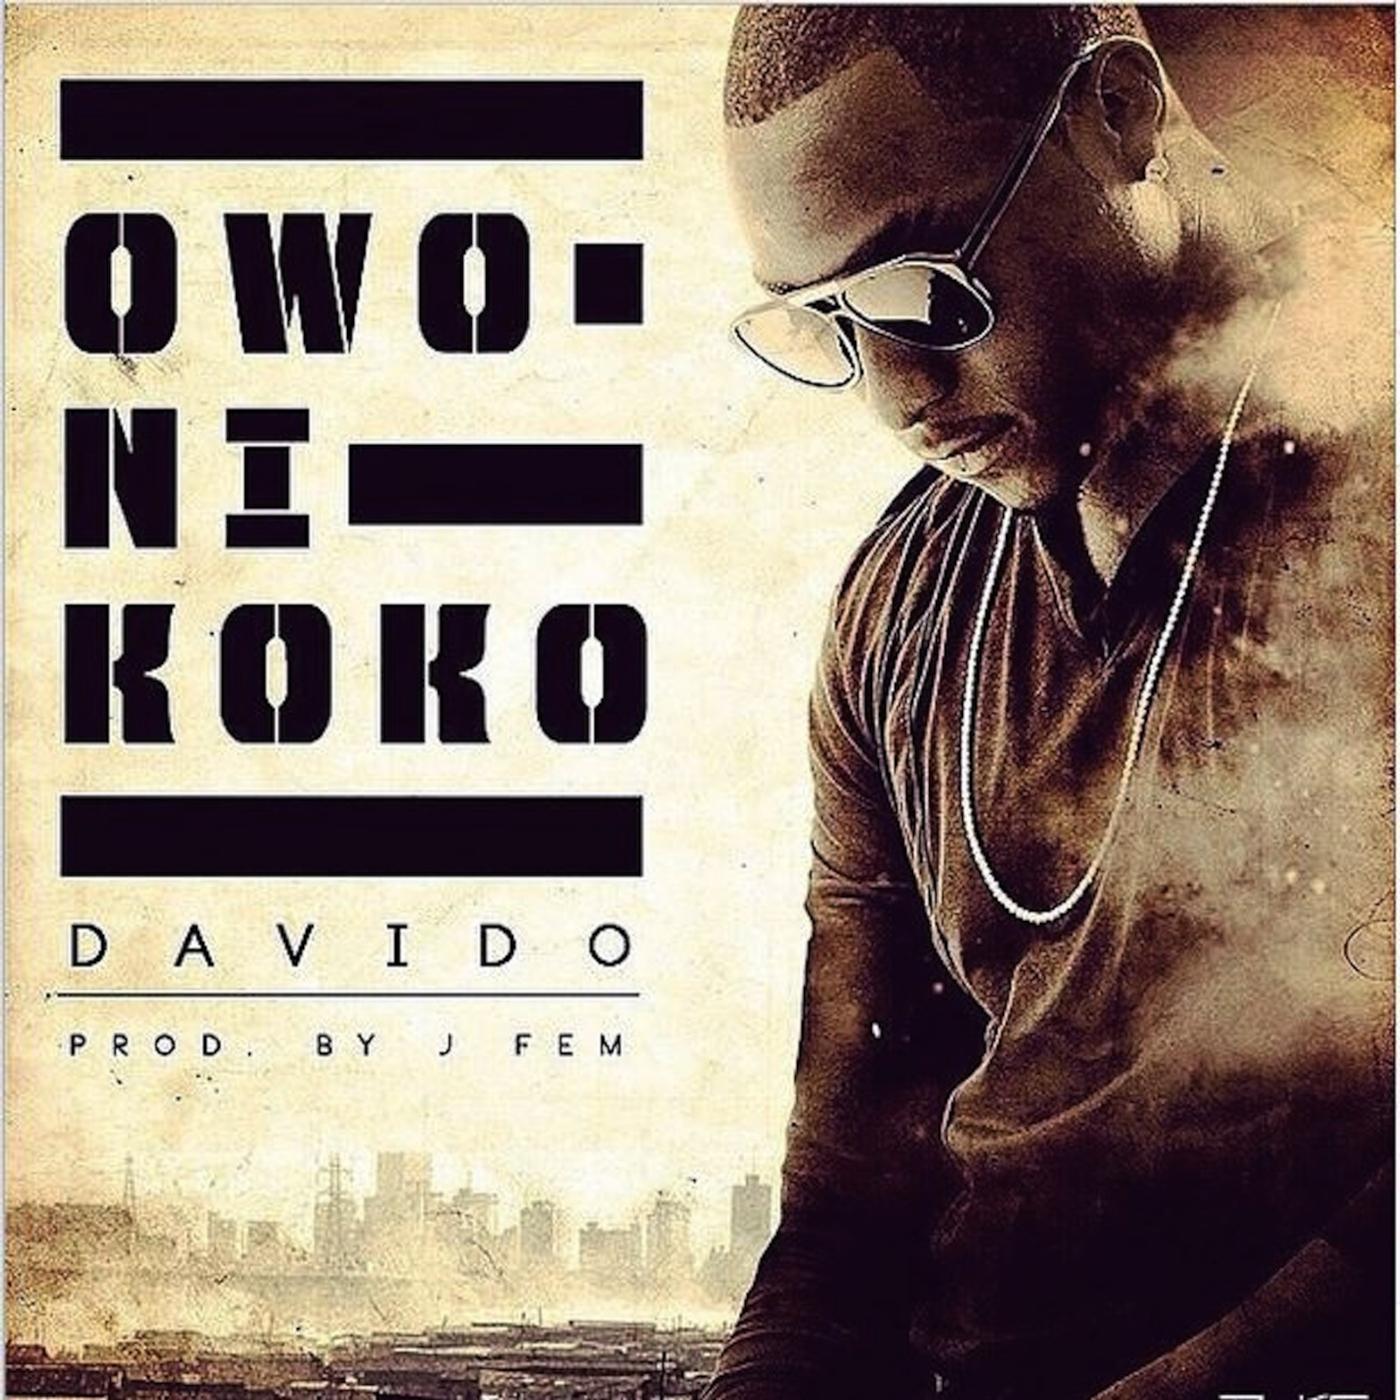 Listen Free to DaVido - Owo Ni Koko Radio | iHeartRadio